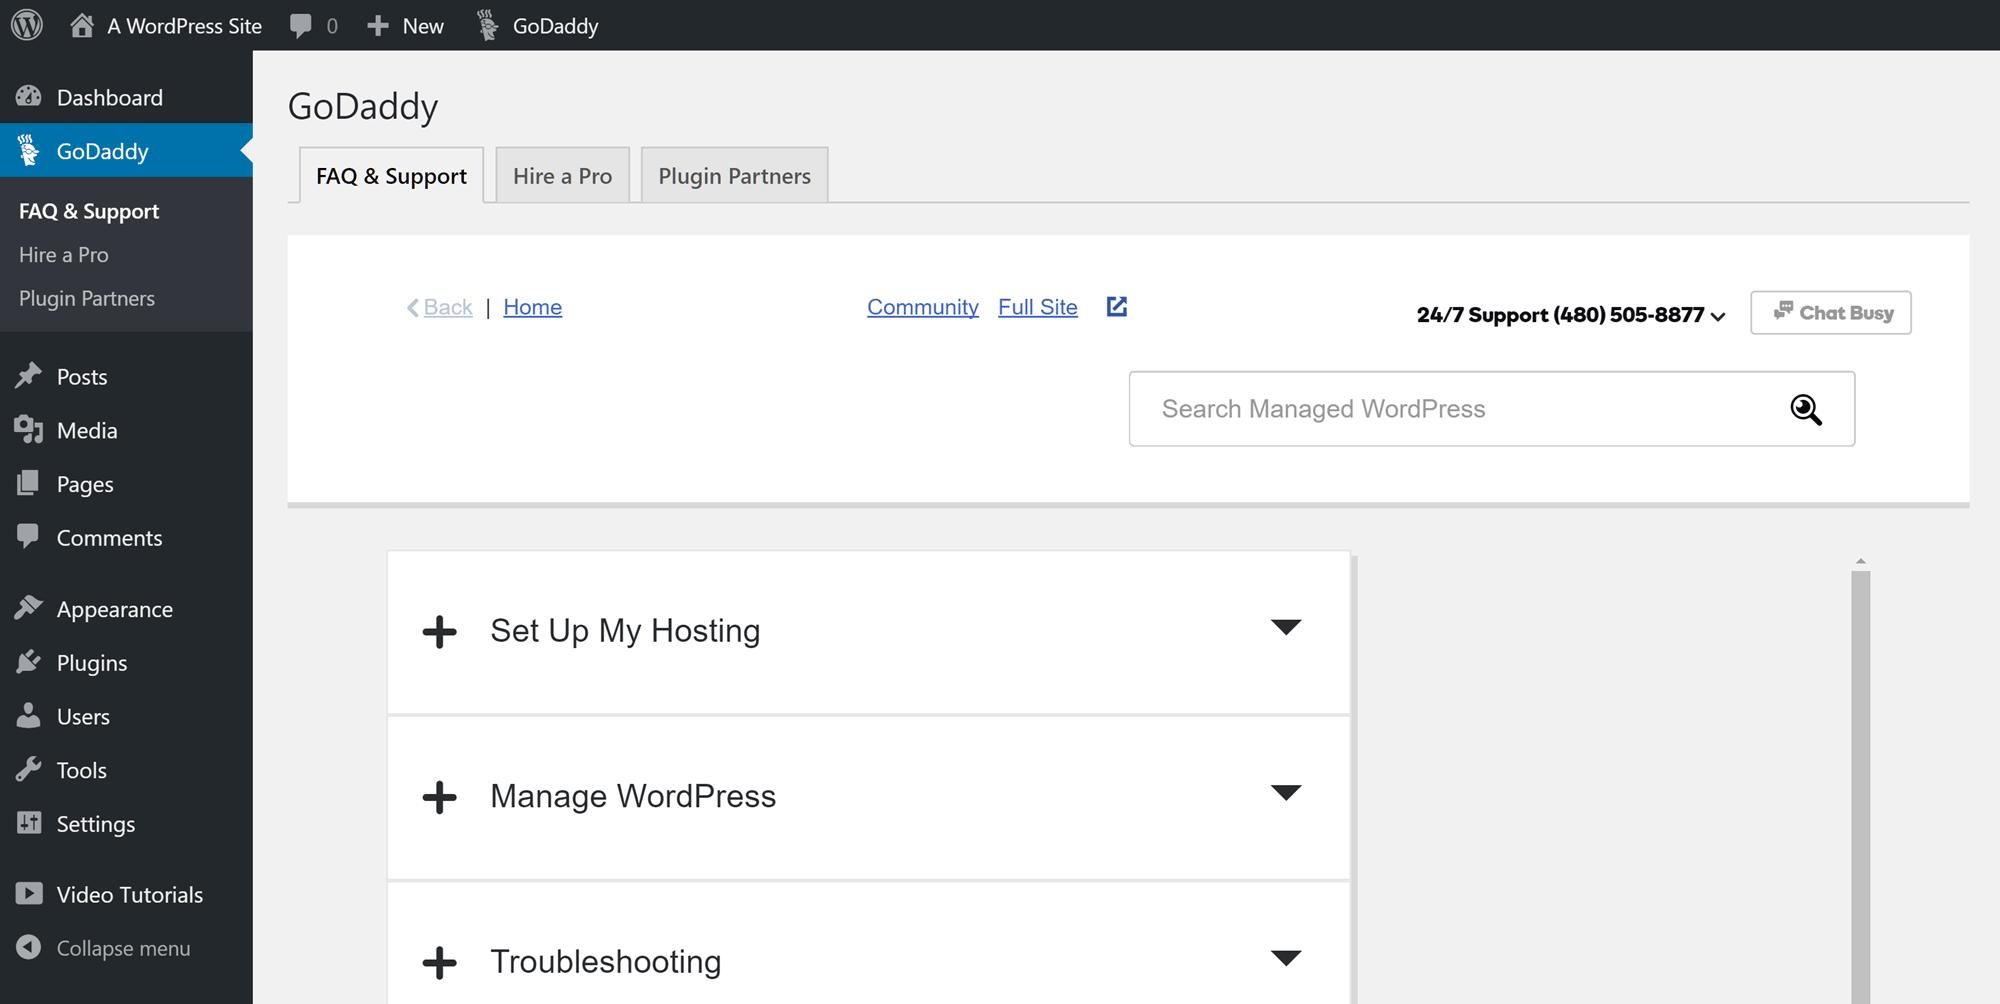 Panel de control GoDaddy del sitio web de WordPress